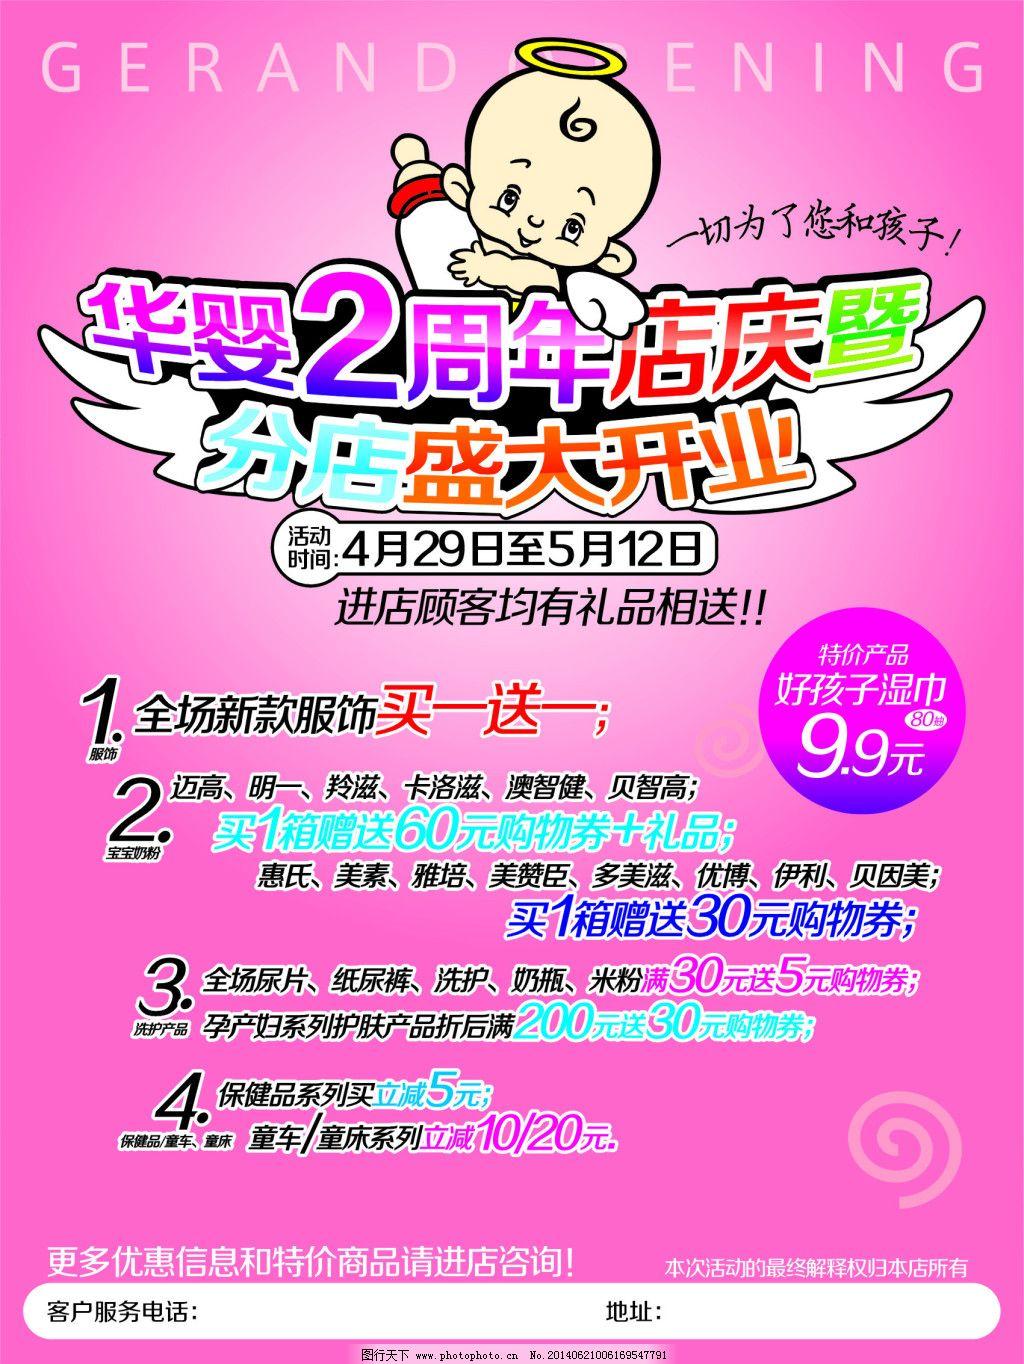 2周年店庆分店盛大开业免费下载 粉色 活动海报 母婴店 盛大开业 周年